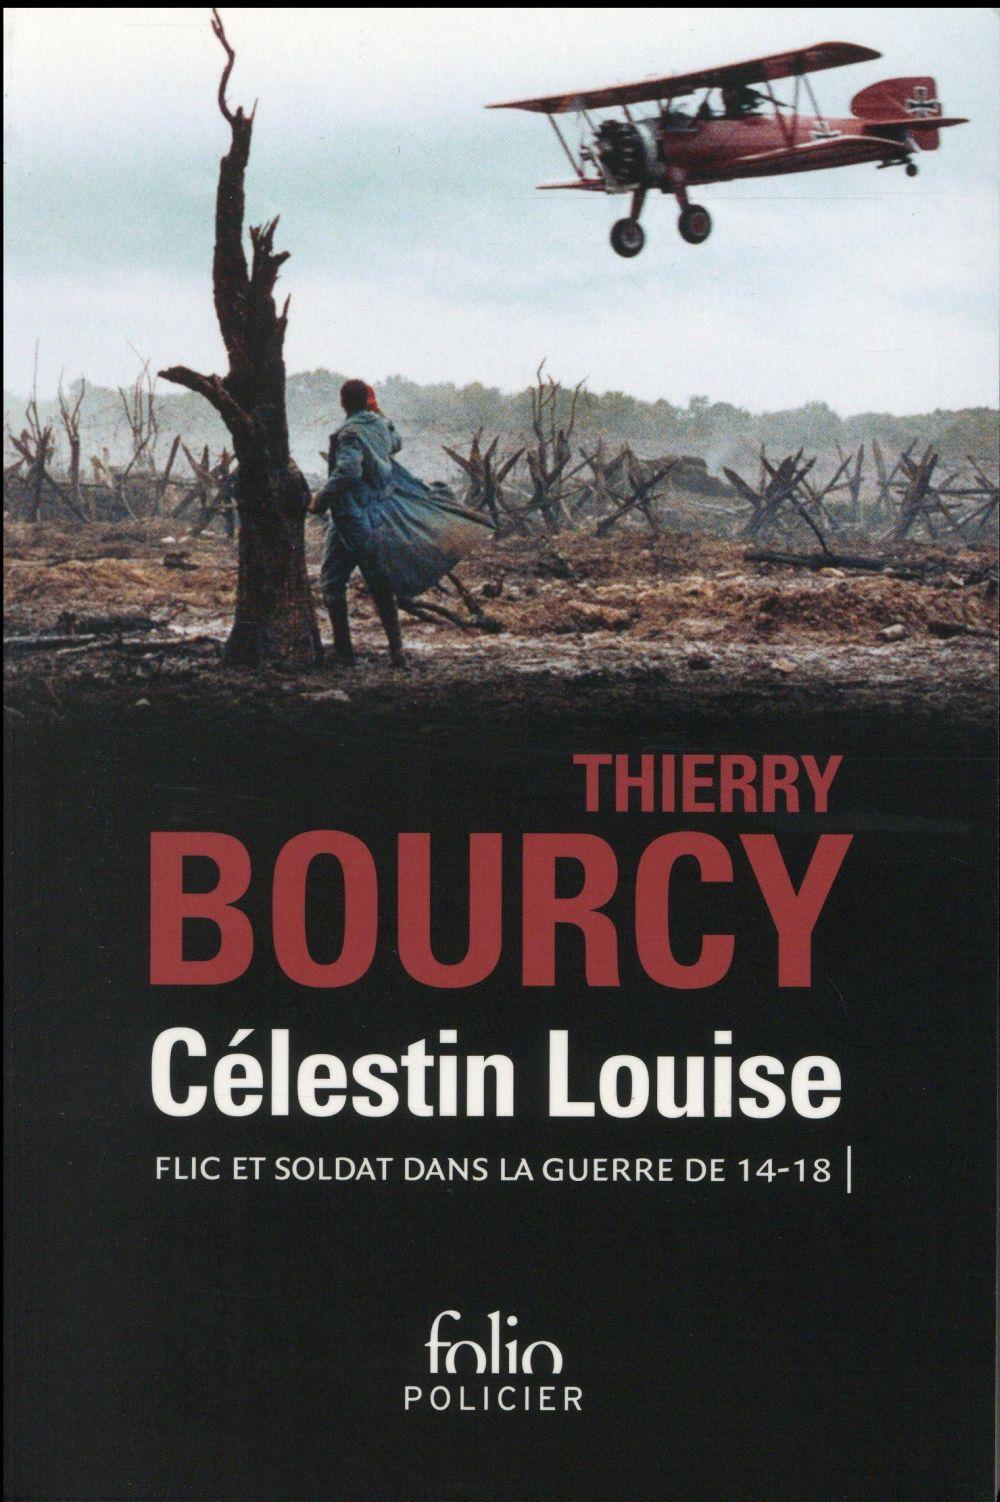 CELESTIN LOUISE, FLIC ET SOLDAT DANS LA GUERRE DE 14-18 BOURCY, THIERRY Gallimard